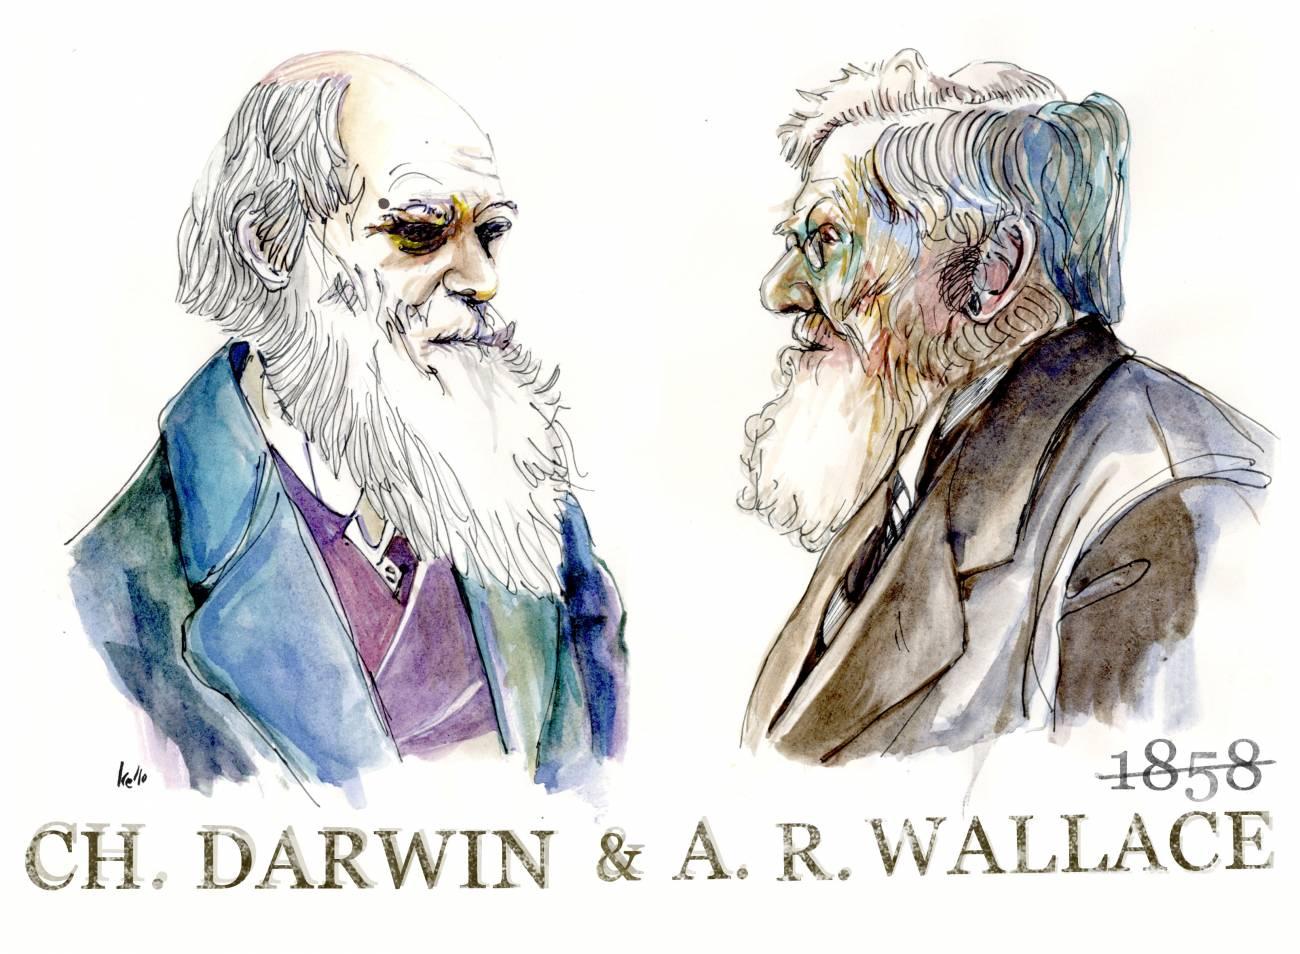 El 1 de julio de 1858 Darwin y Wallace presentan su teoría de la evolución